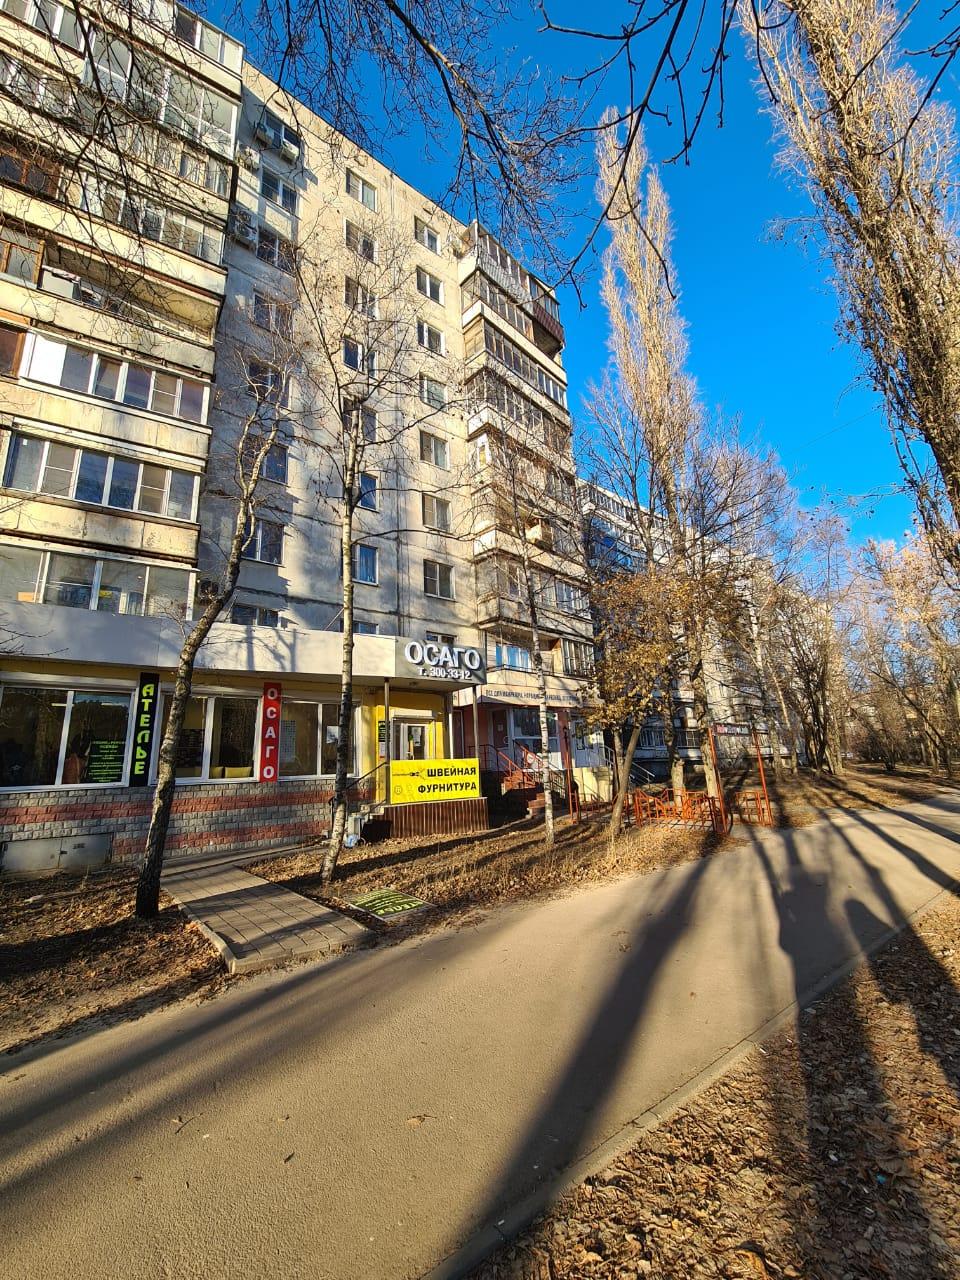 Фото офиса по одресу 394077<br>ул. Маршала Жукова, д. 3<br>пн. - пт. 9:30 — 18:00<br>сб. 11:00 — 16:00